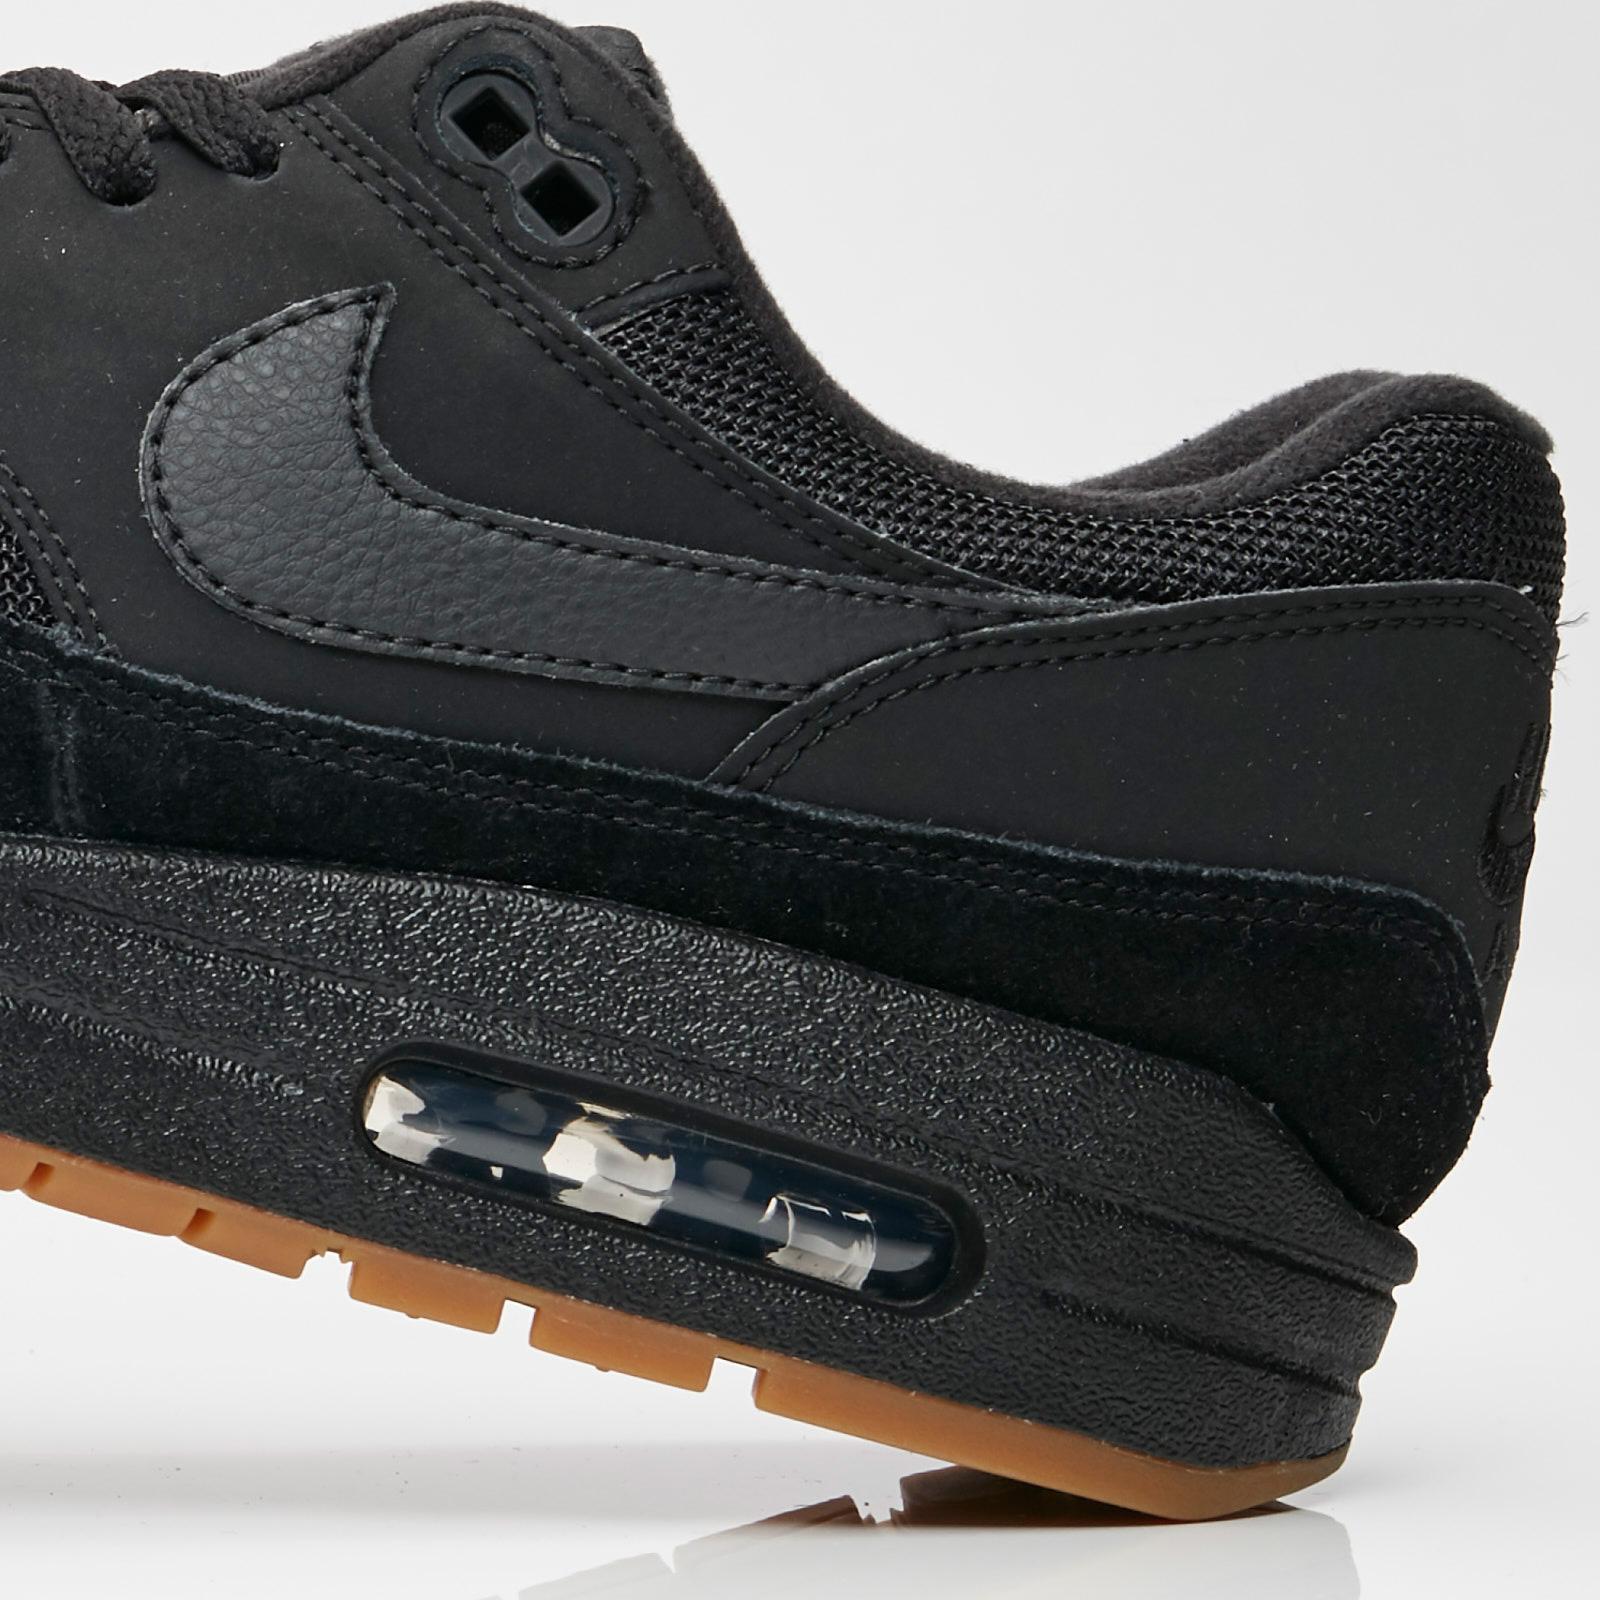 online store 7a6c8 002d9 Nike Sportswear Air Max 1 - 6. Close